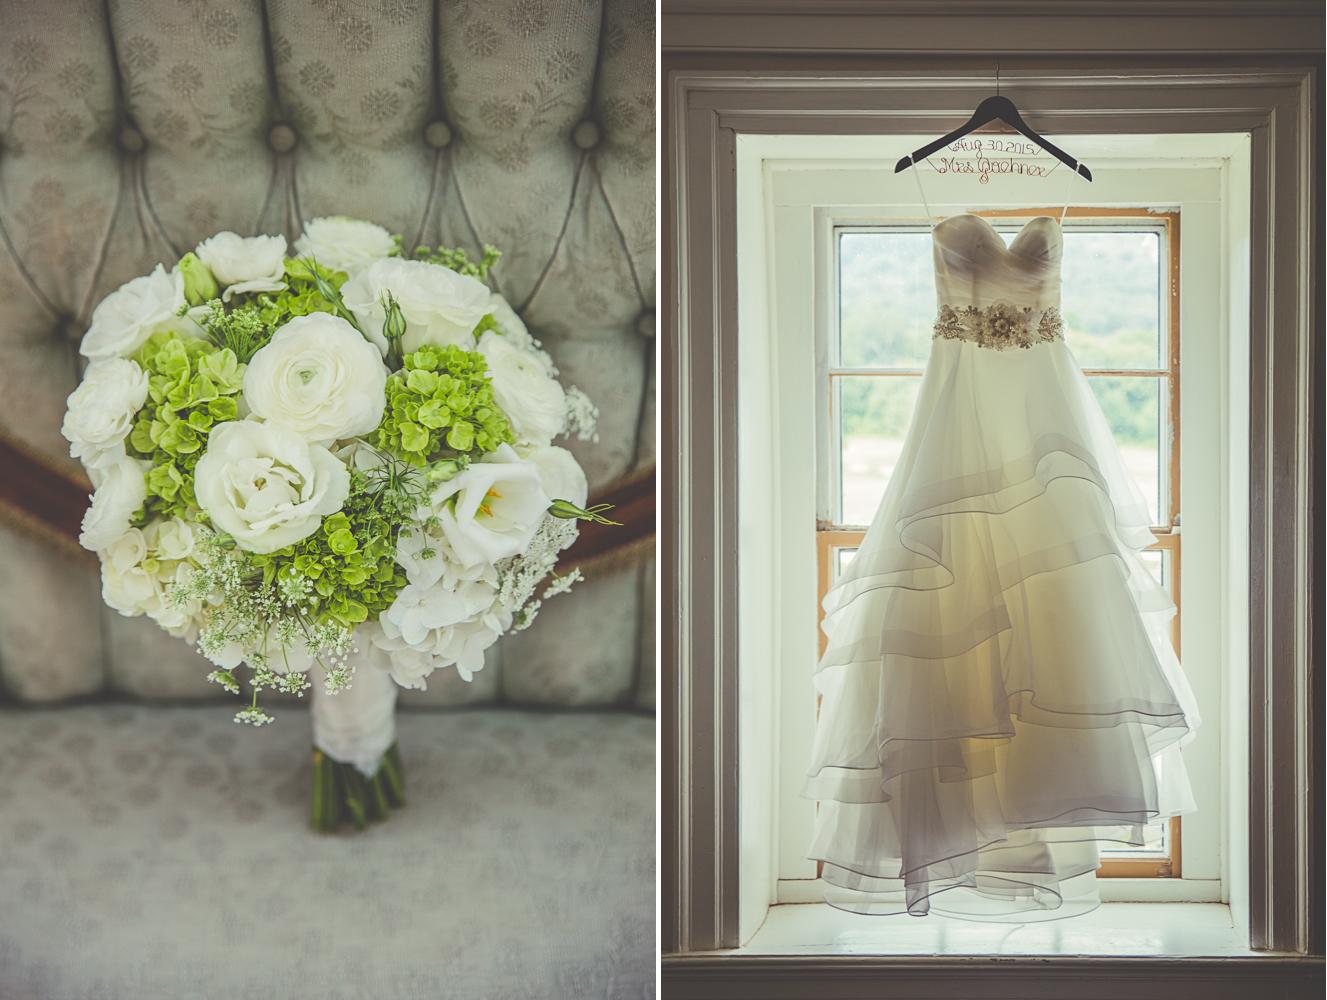 wedding dress bouquet.jpg